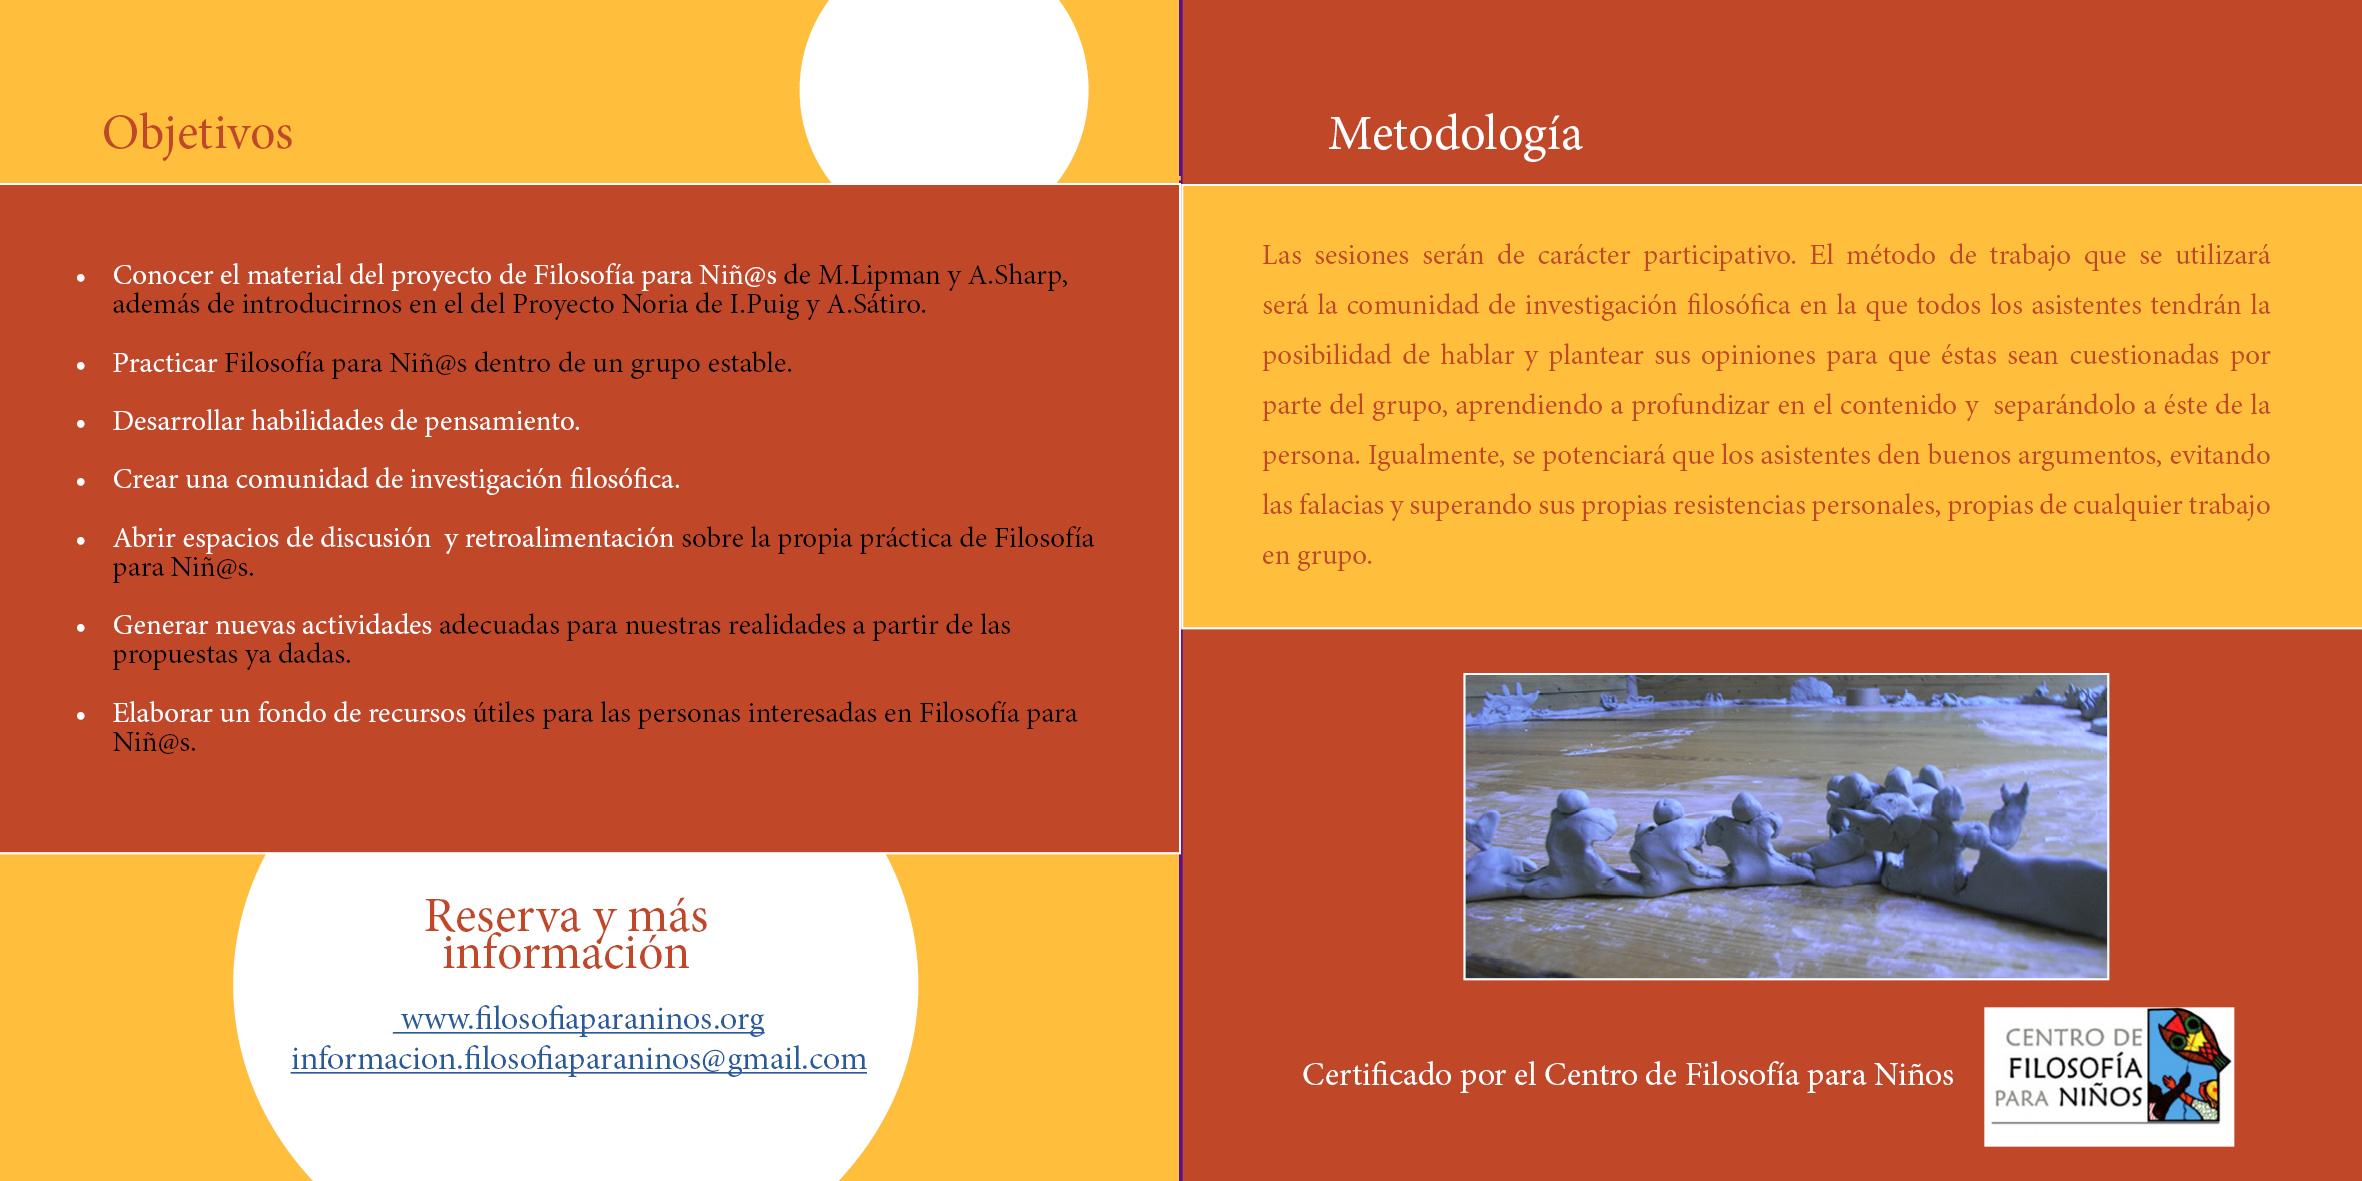 Folleto_SeminarioFPN20203